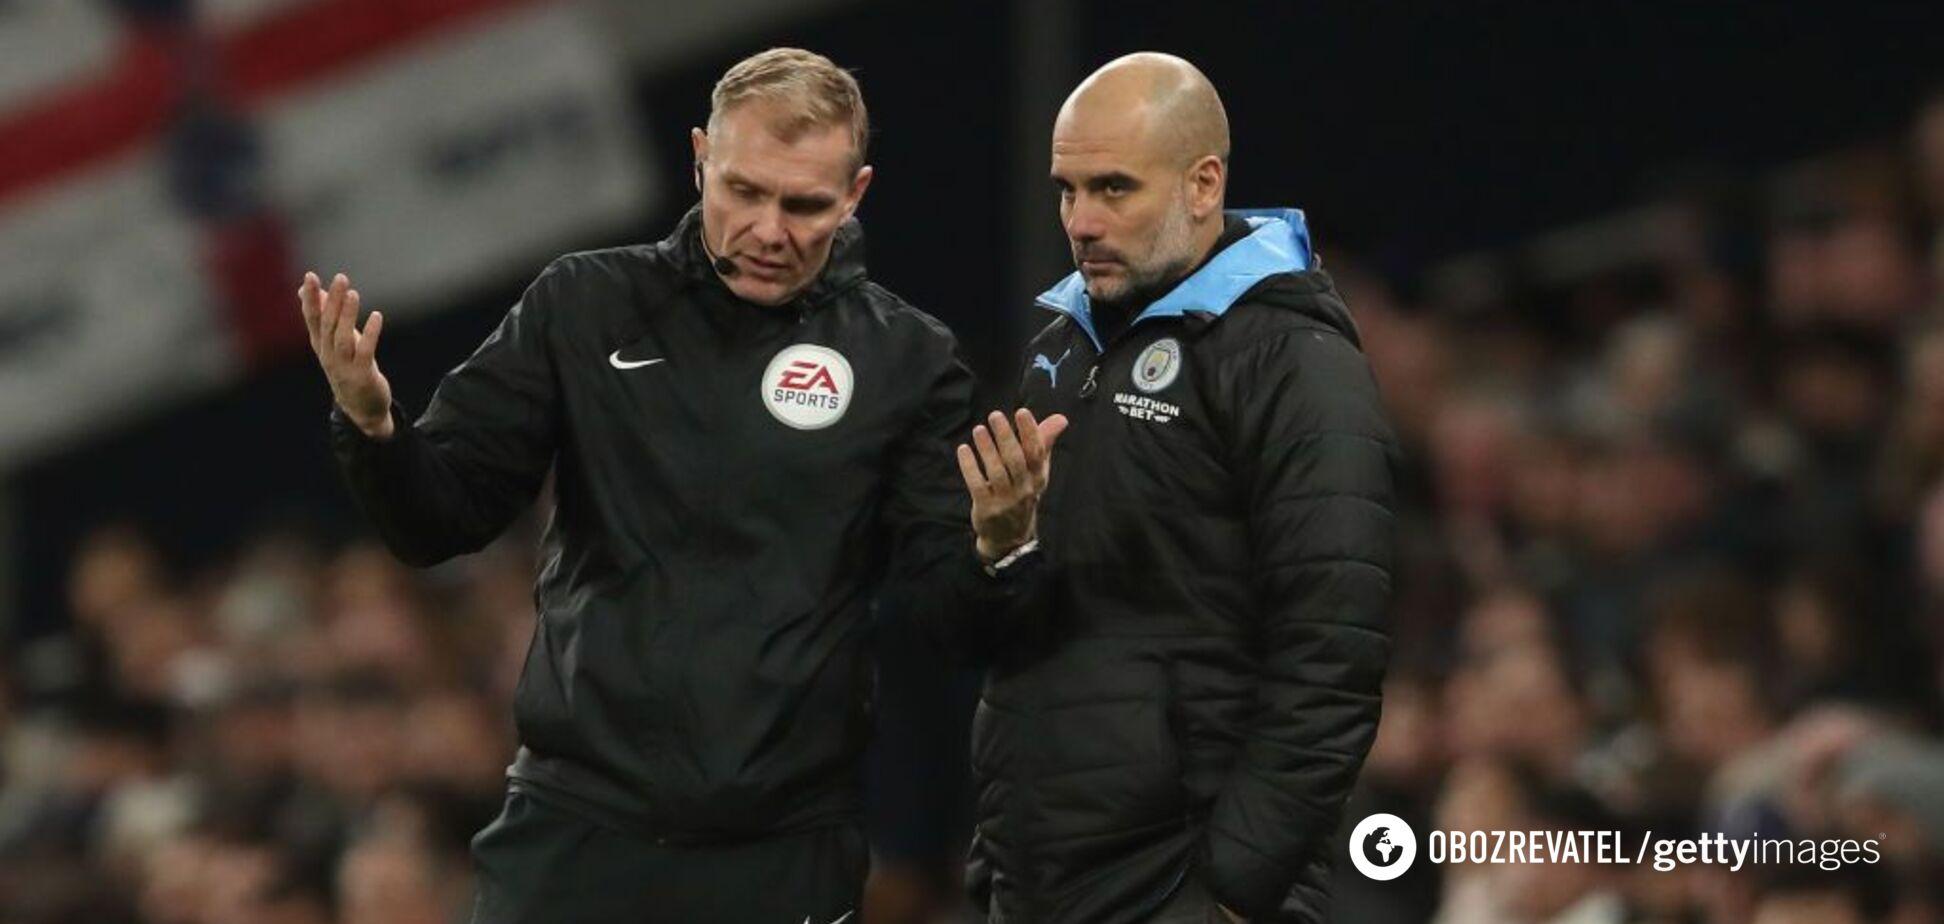 Головний тренер 'Манчестер Сіті' Пеп Гвардіола спілкується з четвертим арбітром